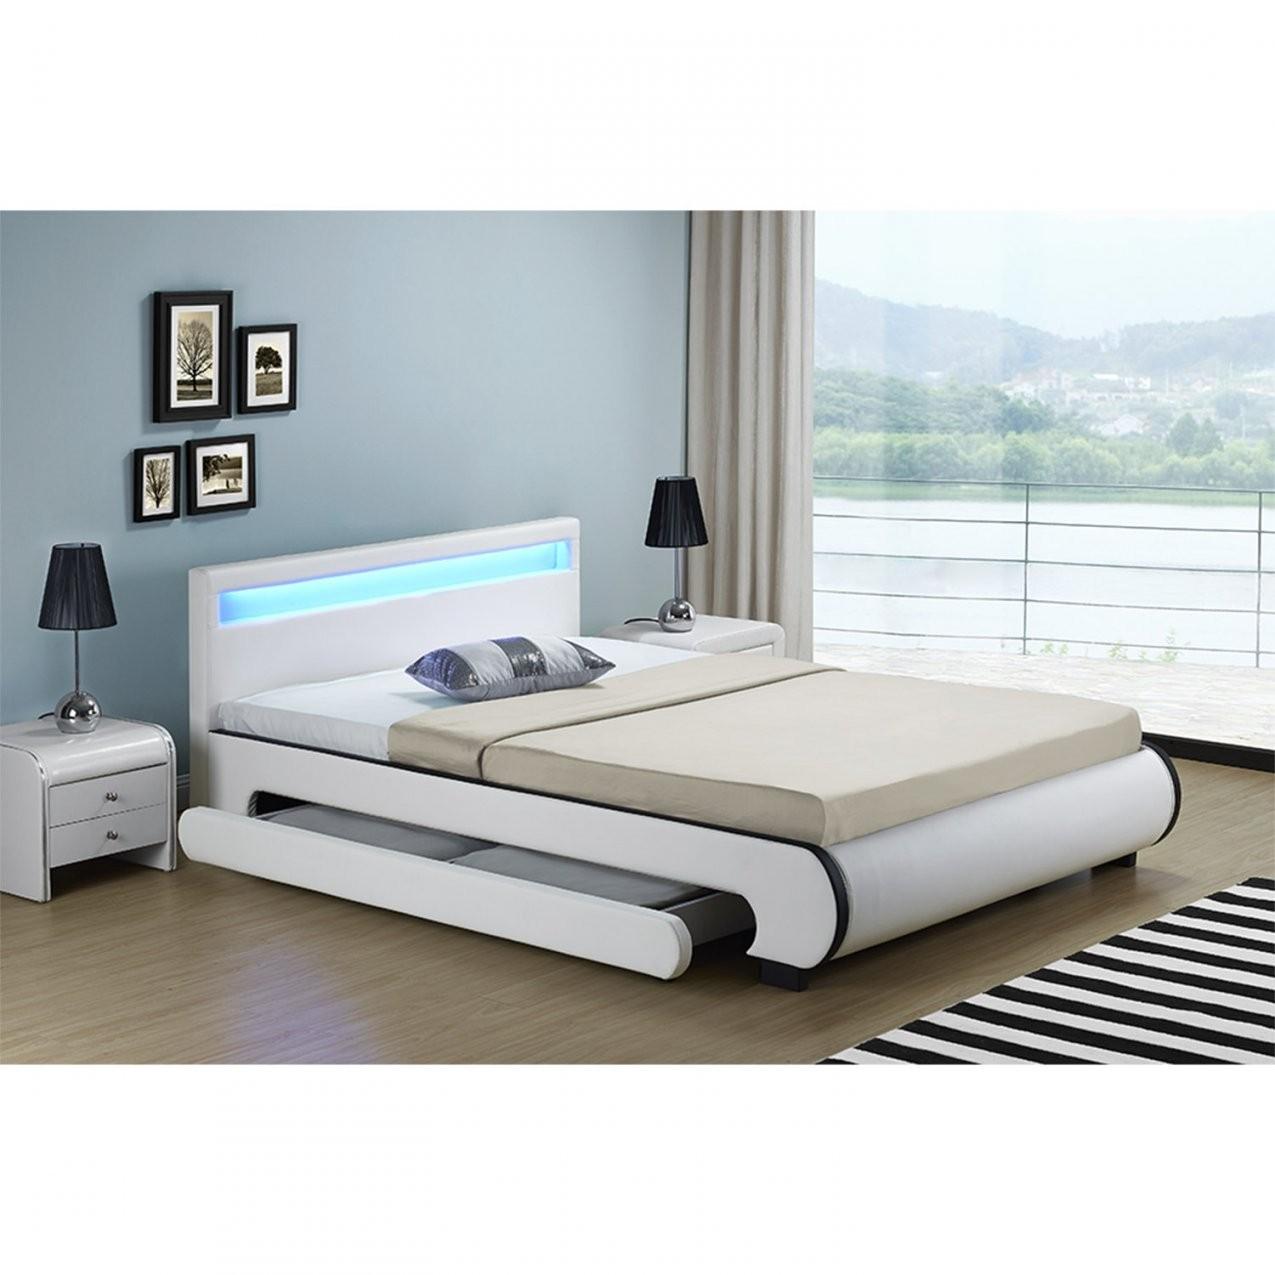 Polsterbett Bilbao Mit Bettkasten 140 X 200 Cm  Weiß von Polsterbett Mit Bettkasten 140X200 Photo